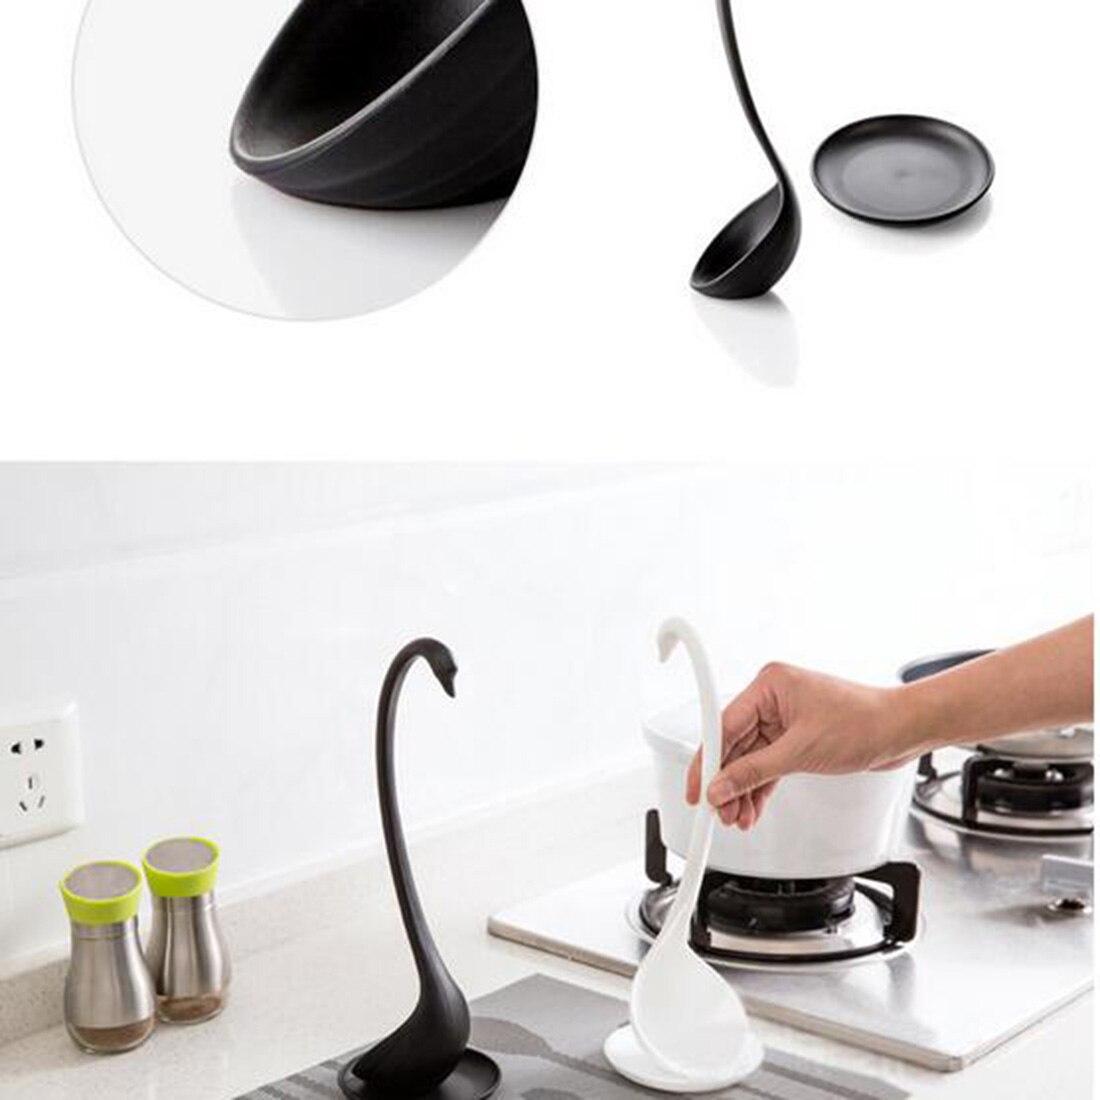 unique kitchen accessories promotion-shop for promotional unique